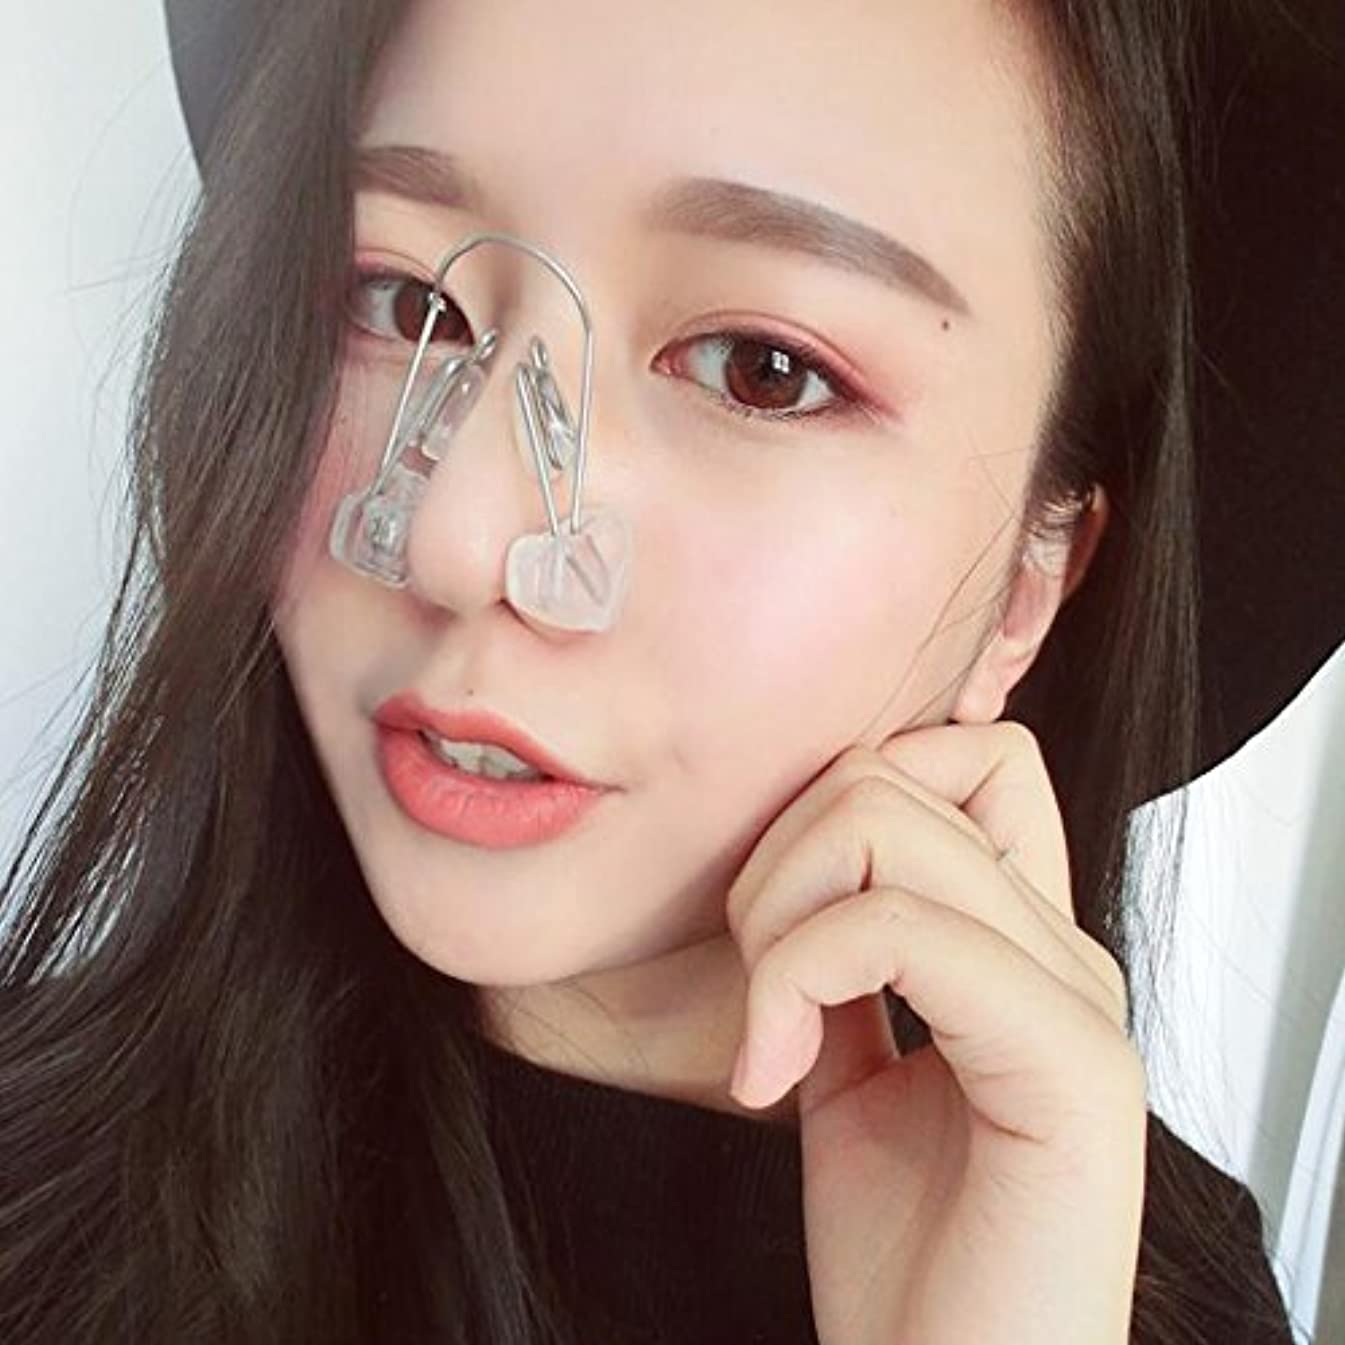 グラム退院確かなないノーズアップピン 鼻筋セレブ ノーズアップピン ノーズアップピン ズレない ノーズアップピン 簡単 美鼻 整う 矯正